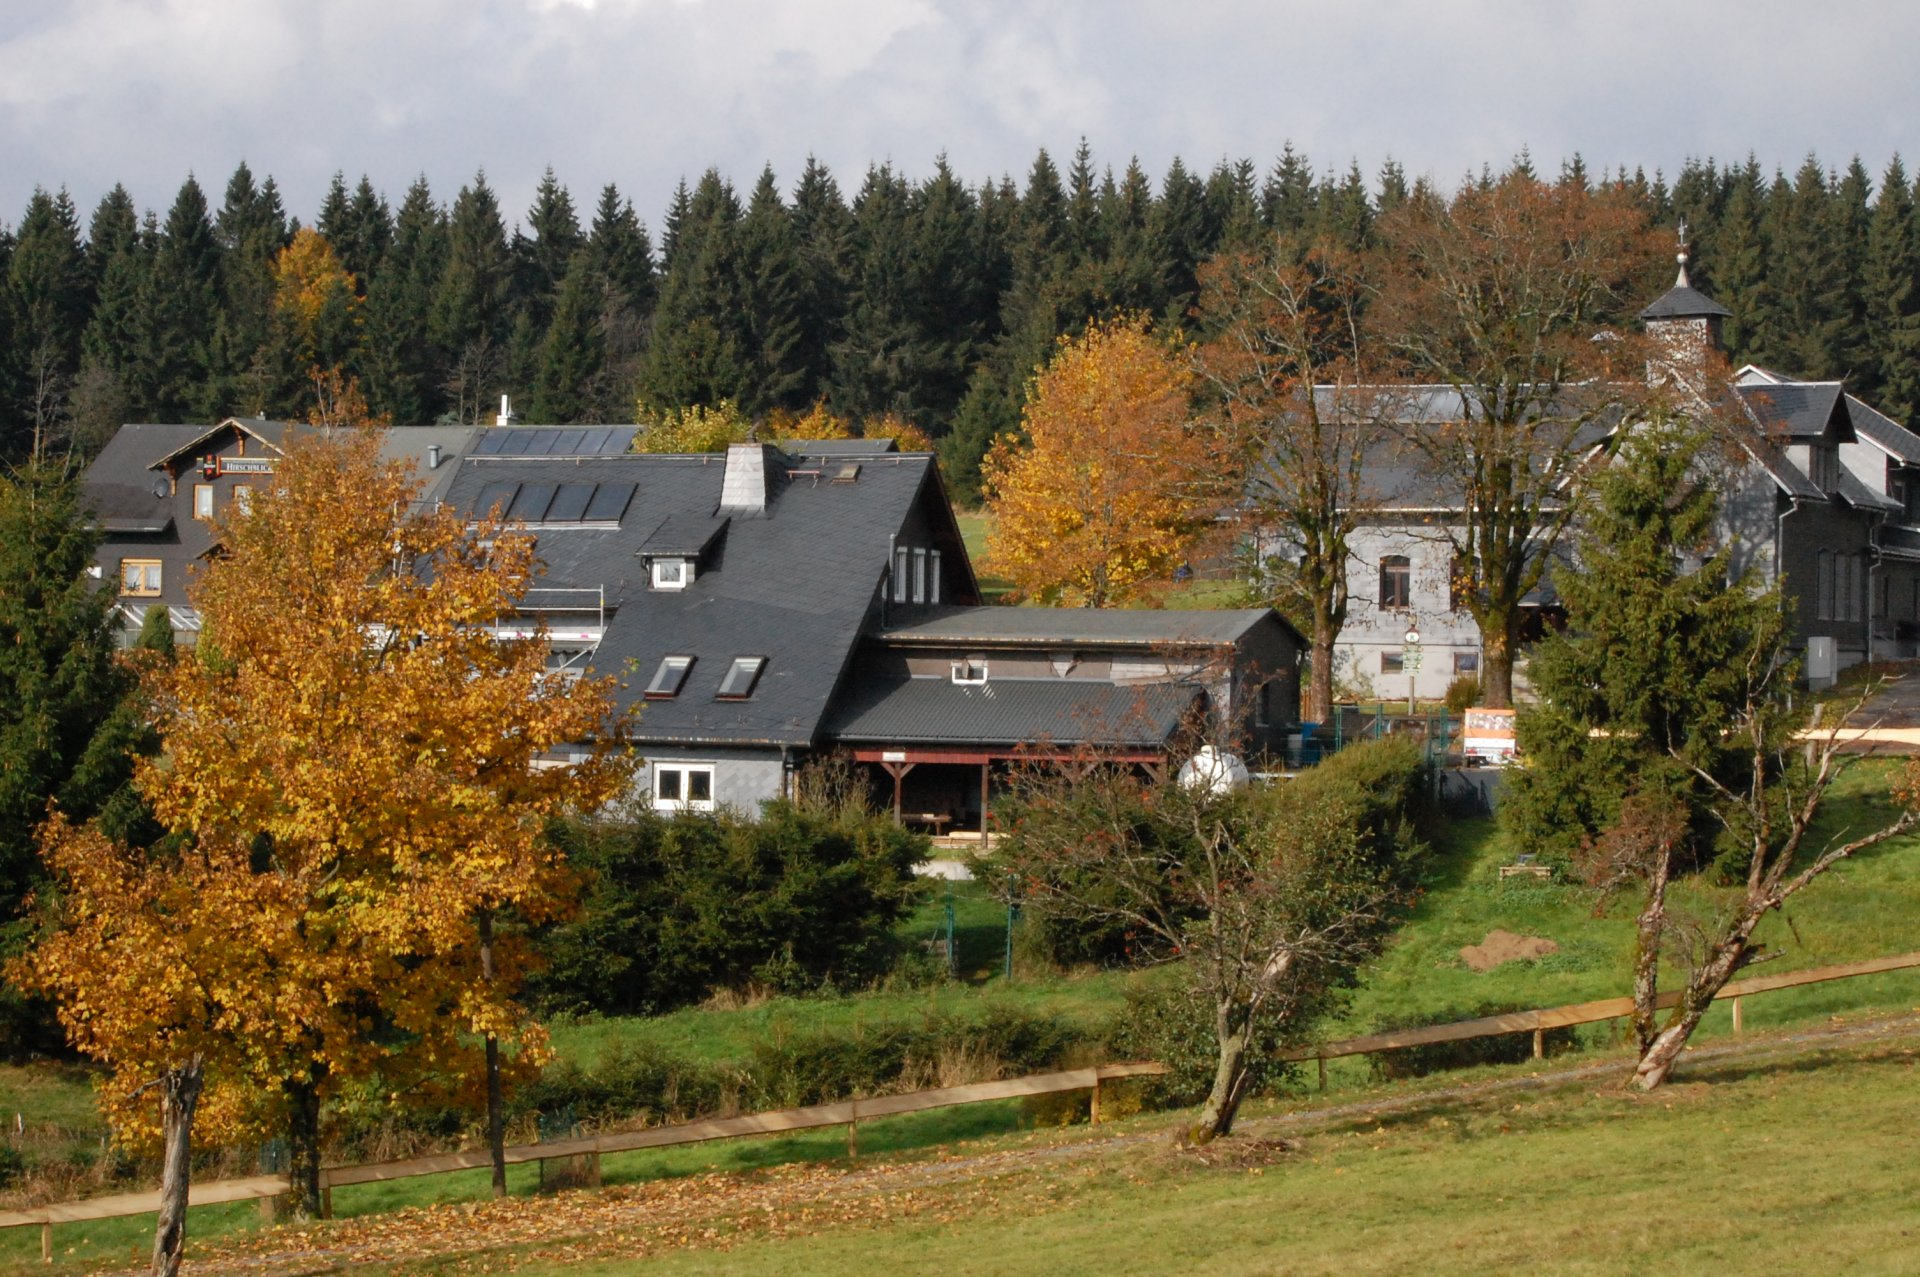 Ferienhaus Rennsteigidylle